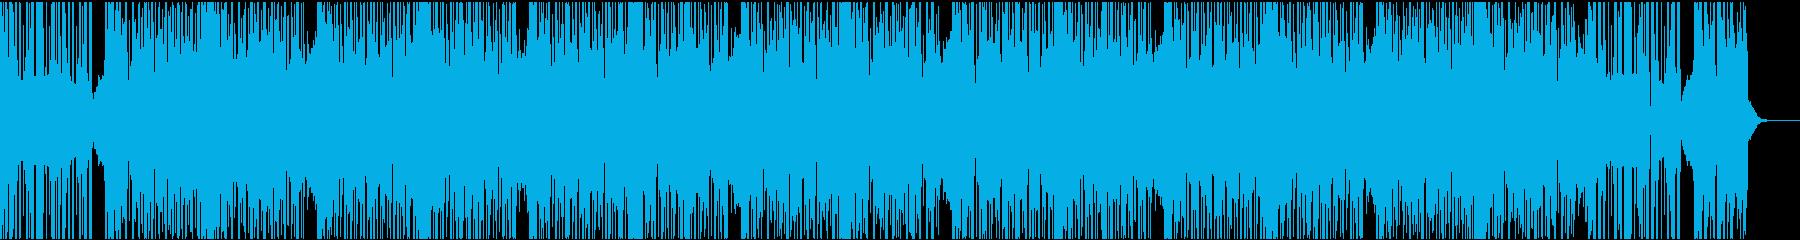 12秒でサビ、ダークエレクトロの再生済みの波形